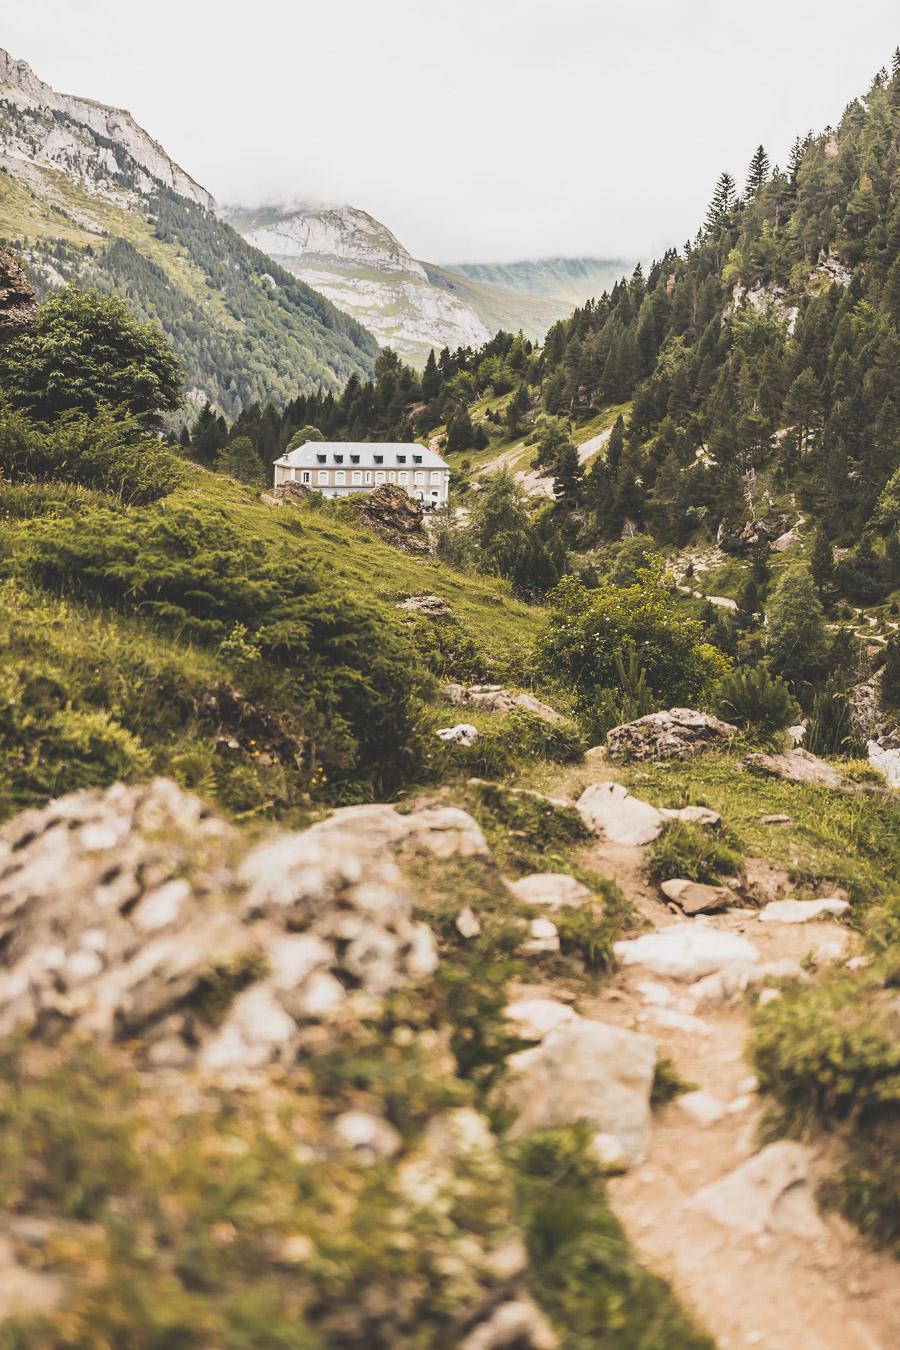 Vous voulez connaître les plus belles randonnées des Pyrénées... Suivez le guide ! Découvrir l'Occitanie / Voyage en France / Vacances en France / Travel in France / Voyage en Europe / Pyrenees moutains / Pyrenean mastiff / Pyreneeën frankrijk / pyrénées montagne / hautes pyrénées landscape / randonnée hautes pyrénées / paysage hautes pyrénées / rando hautes pyrénées / randonnée france / randonnée pyrénées / les plus belles randonnées en France / les plus belles randonnées Pyrénées / occitanie